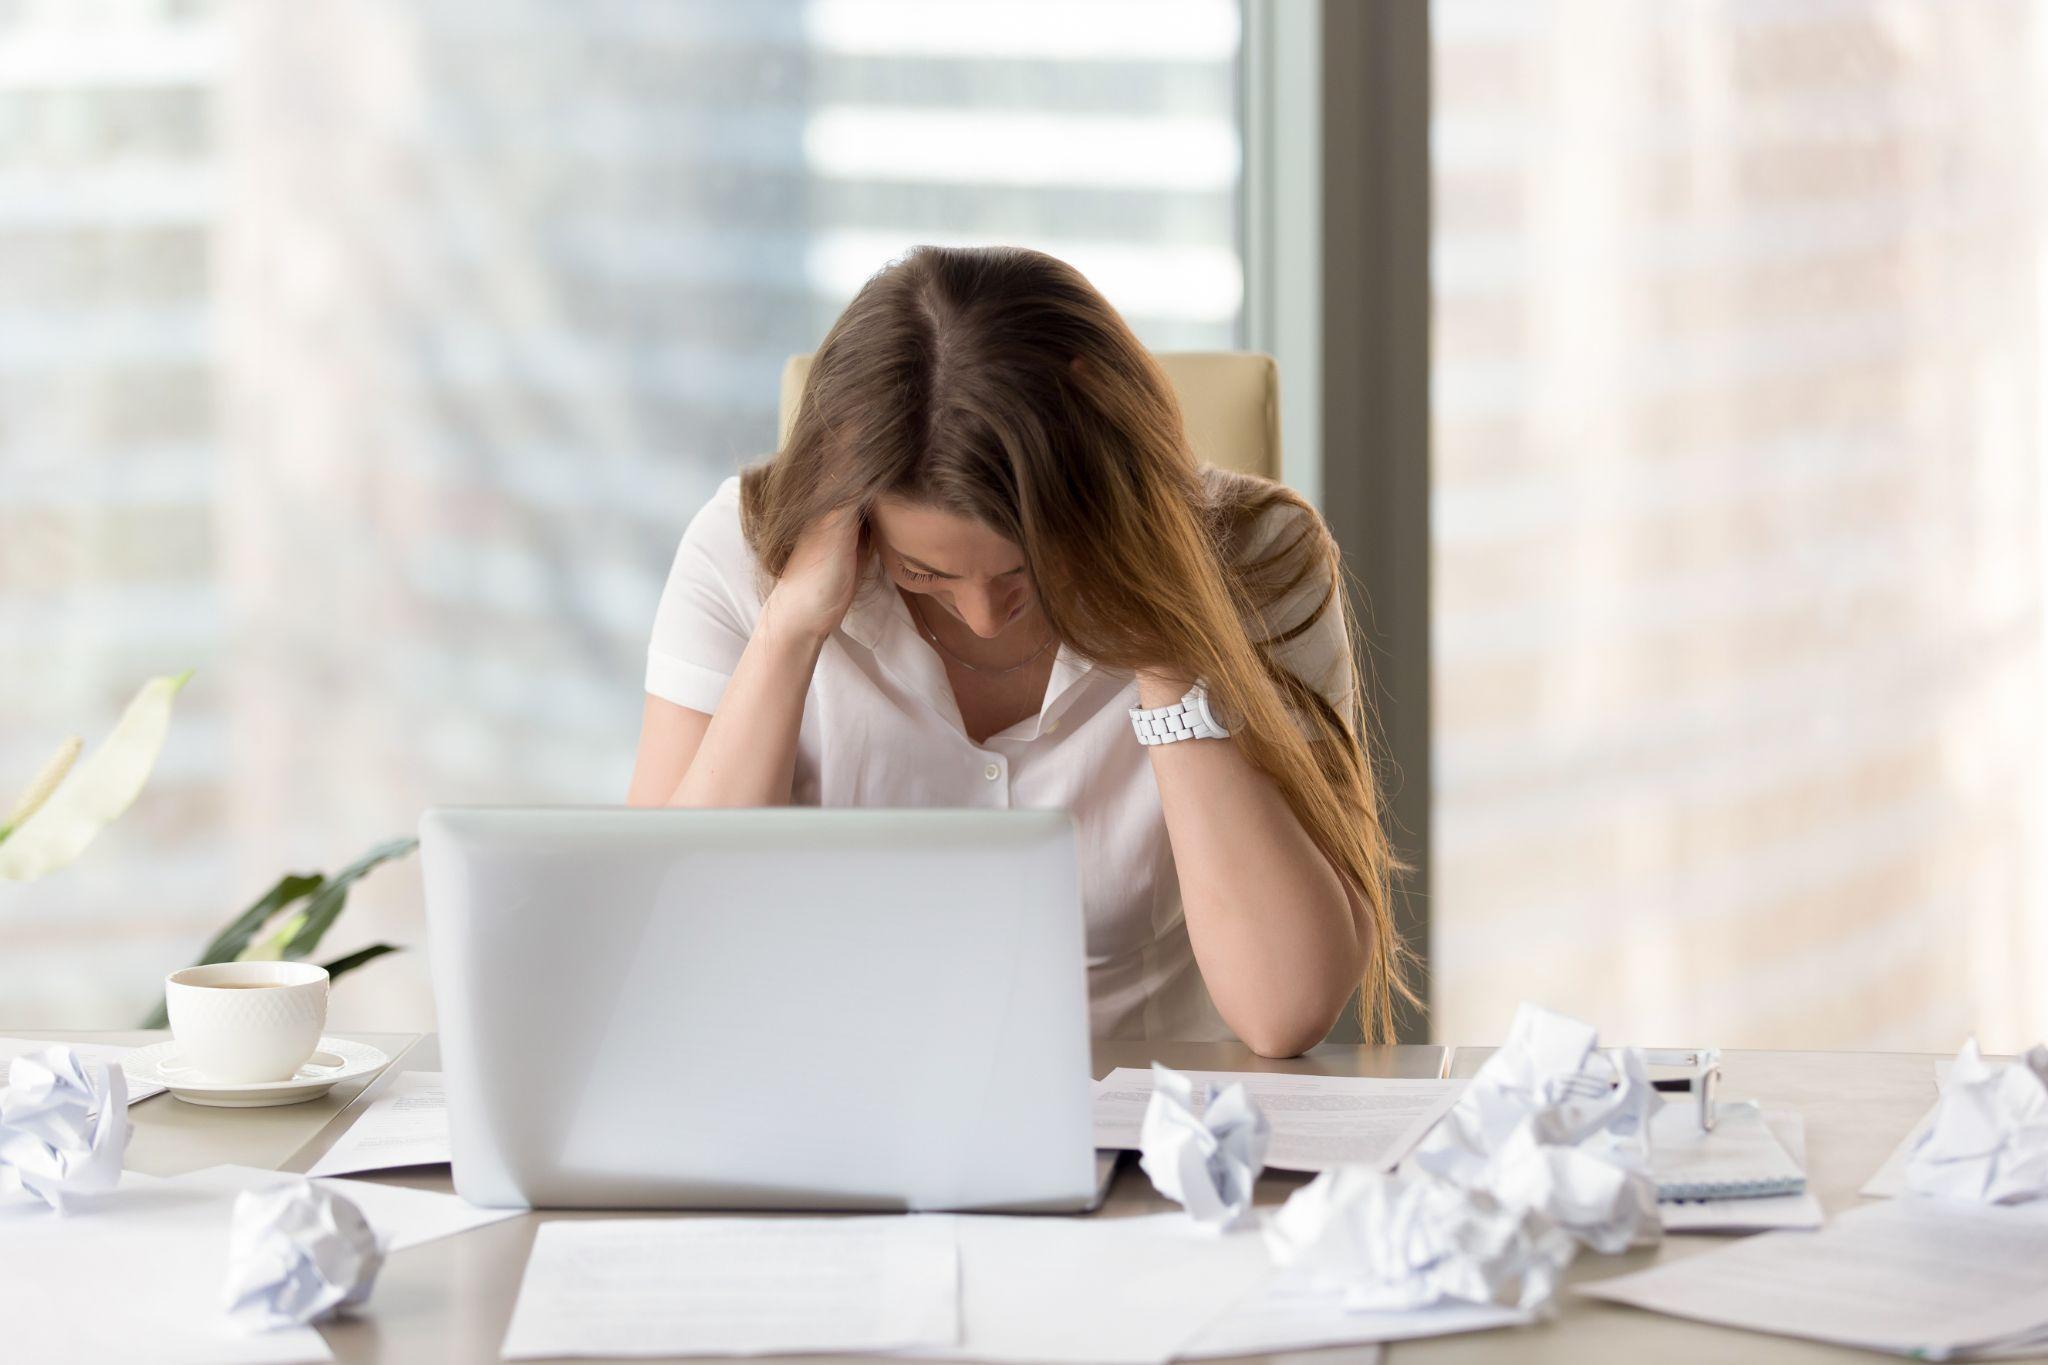 Como anda sua saúde emocional? Confira algumas dicas para combater o stress e a ansiedade.